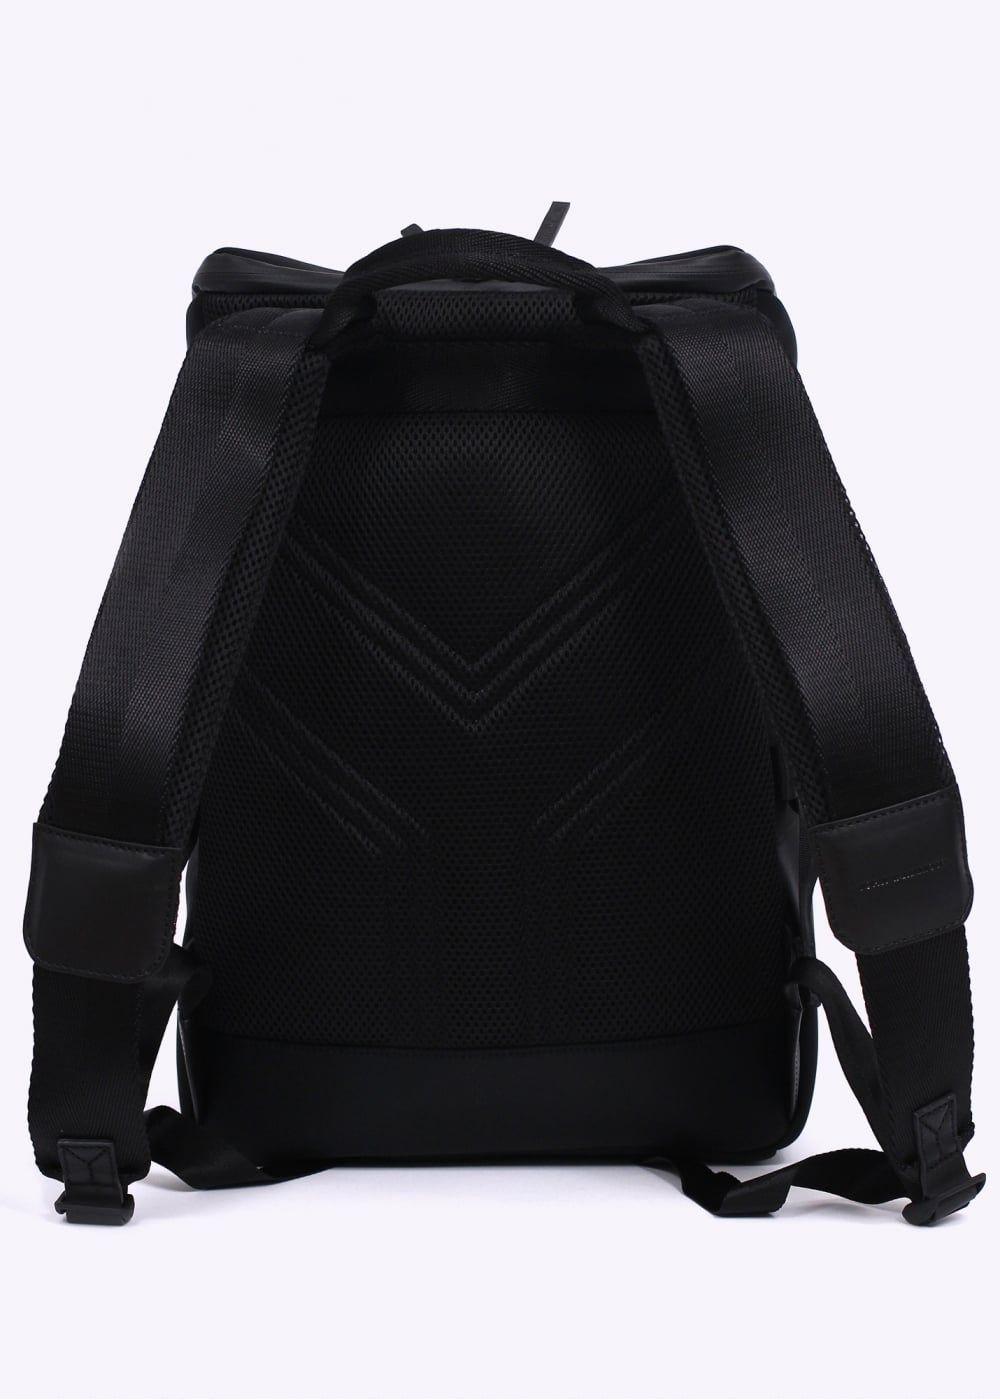 e9c4ad02d8a ... online store cca2e 82f3d Y3 Adidas - Yohji Yamamoto Qasa S Backpack -  Black